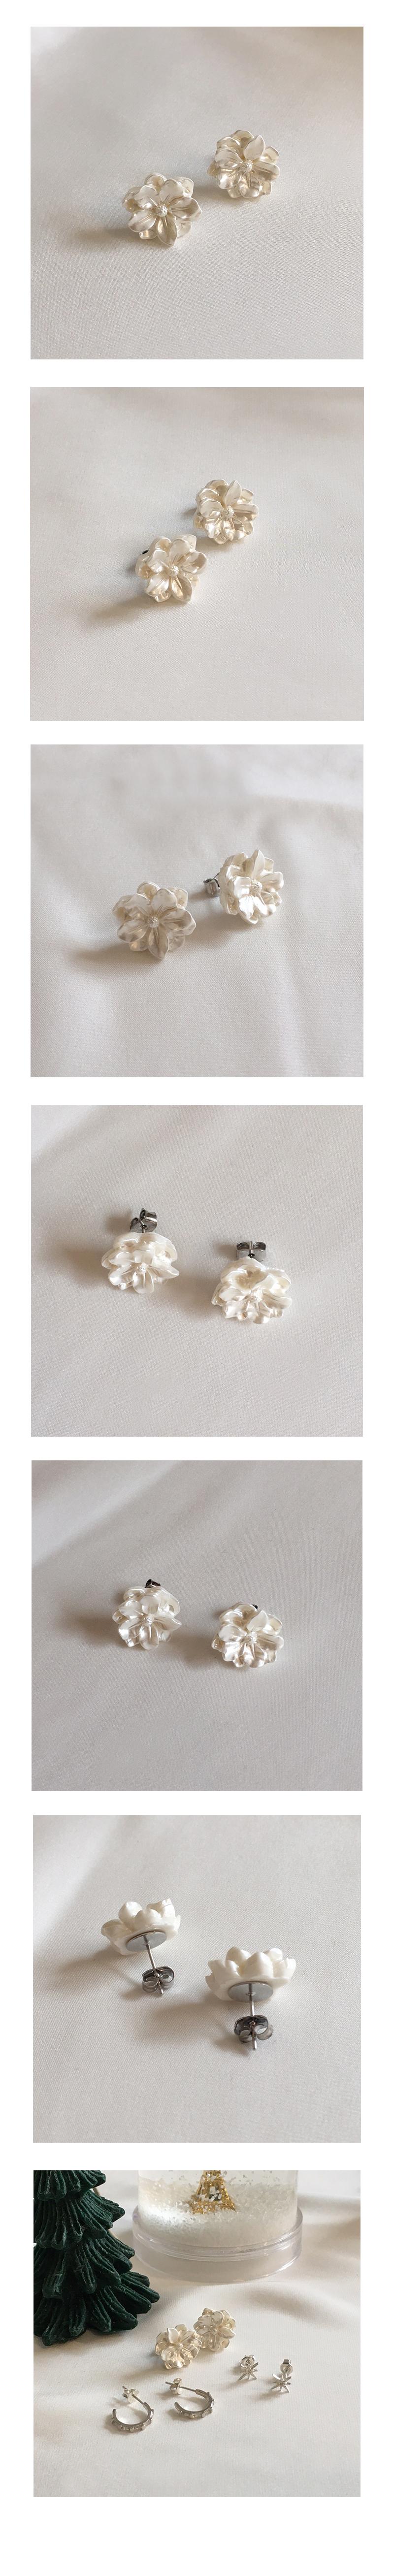 white snow earring